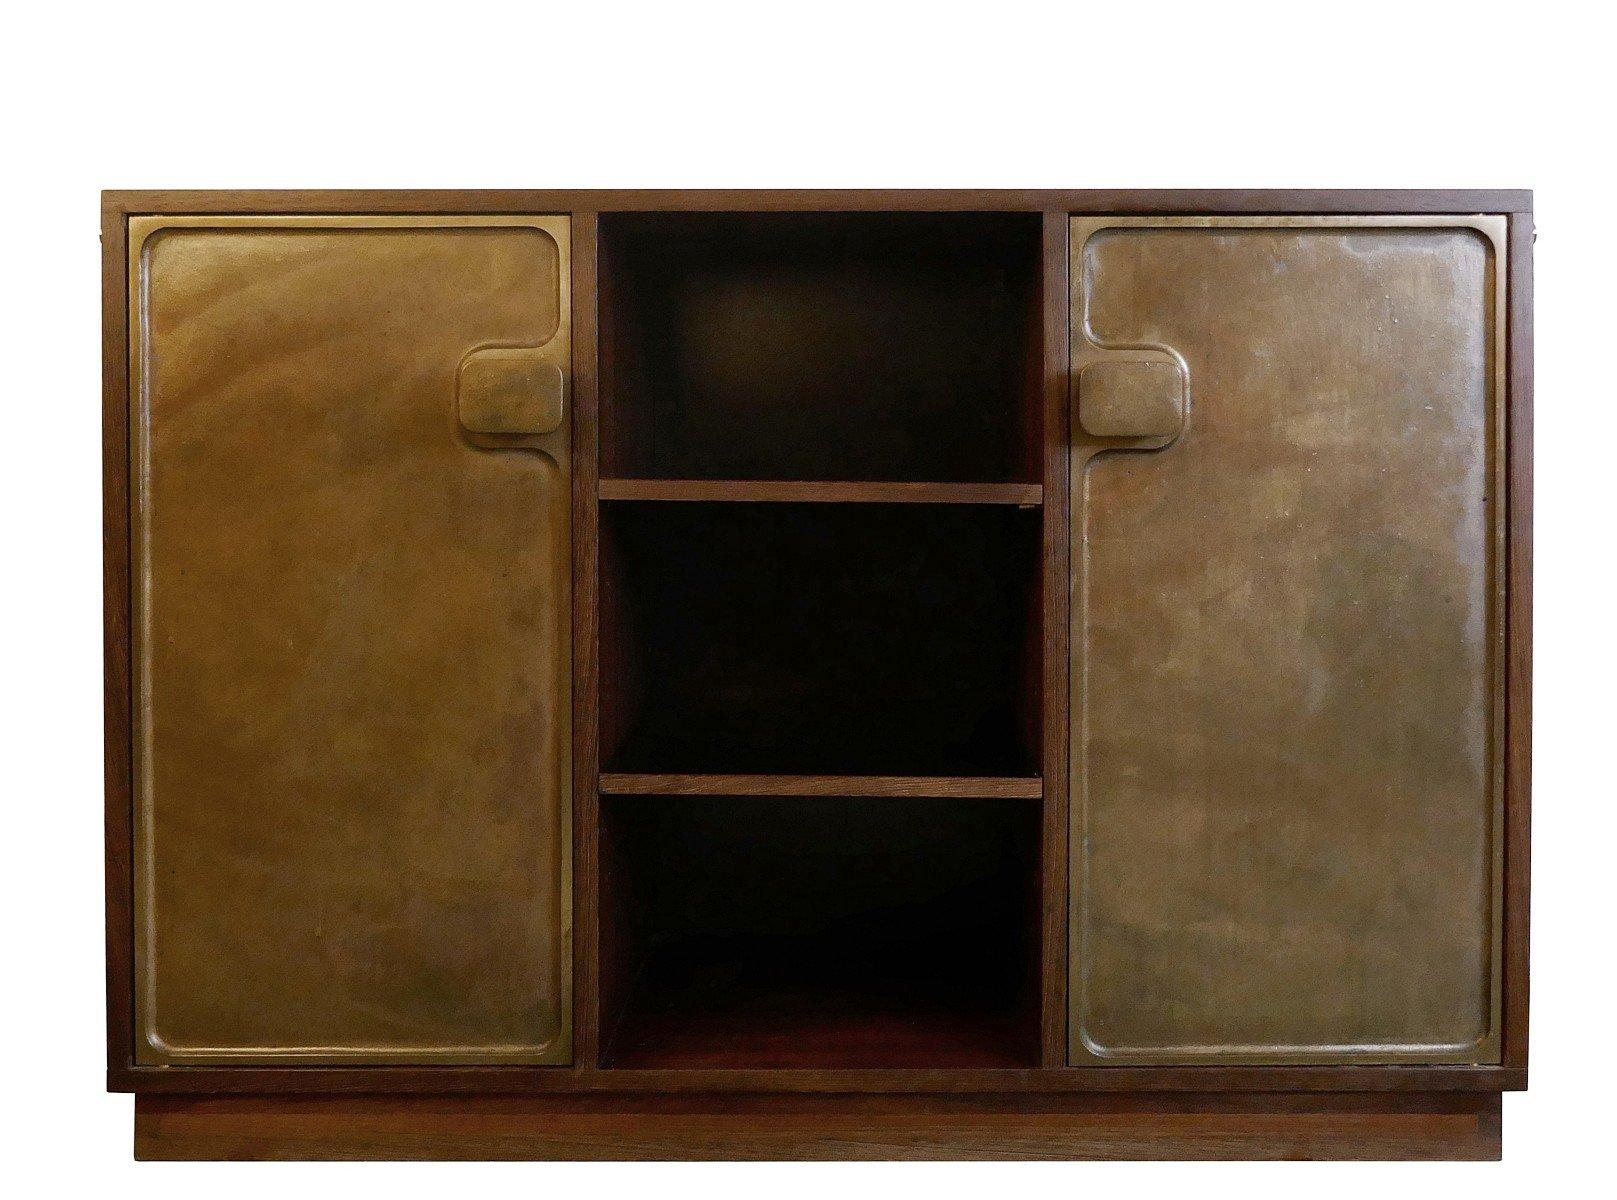 schrank mit 2 t ren aus bronze 1960er bei pamono kaufen. Black Bedroom Furniture Sets. Home Design Ideas